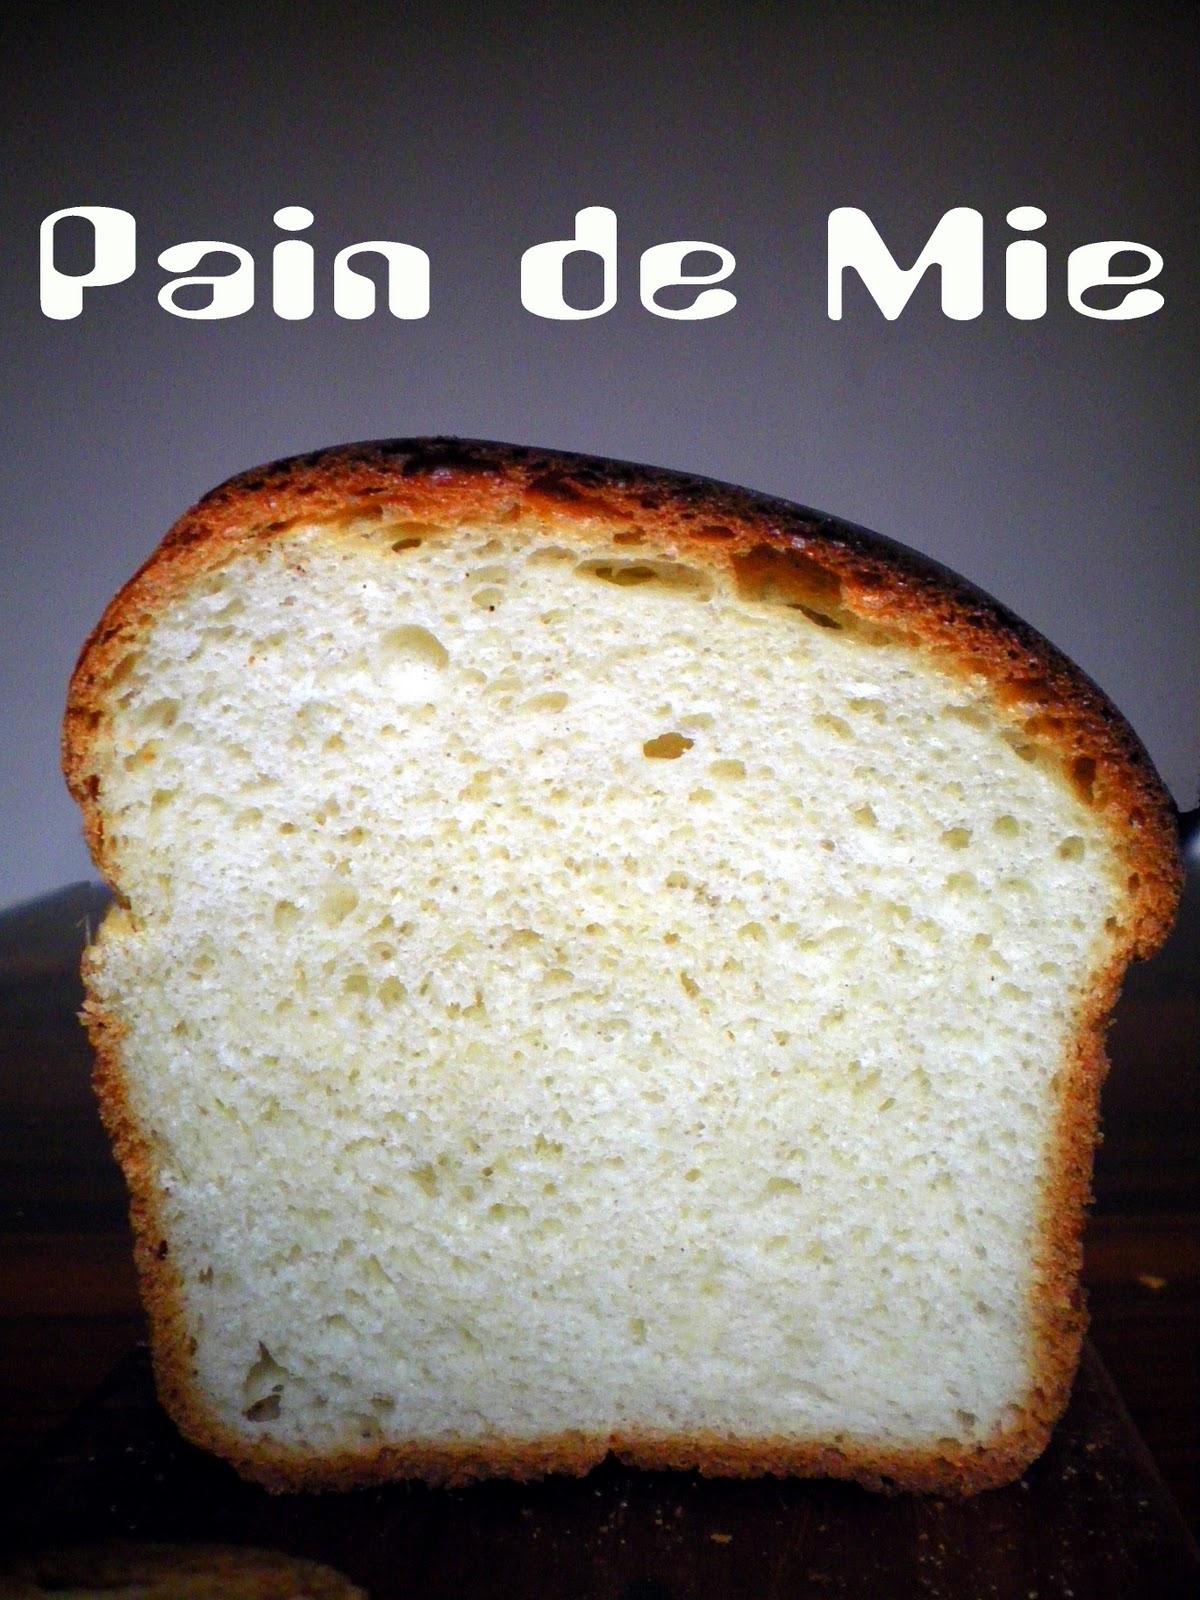 Pourquoi se priver quand c 39 est bon et l ger pain de mie comme chez harry 39 s ou presque 2pts ww - Pain de mie machine a pain ...